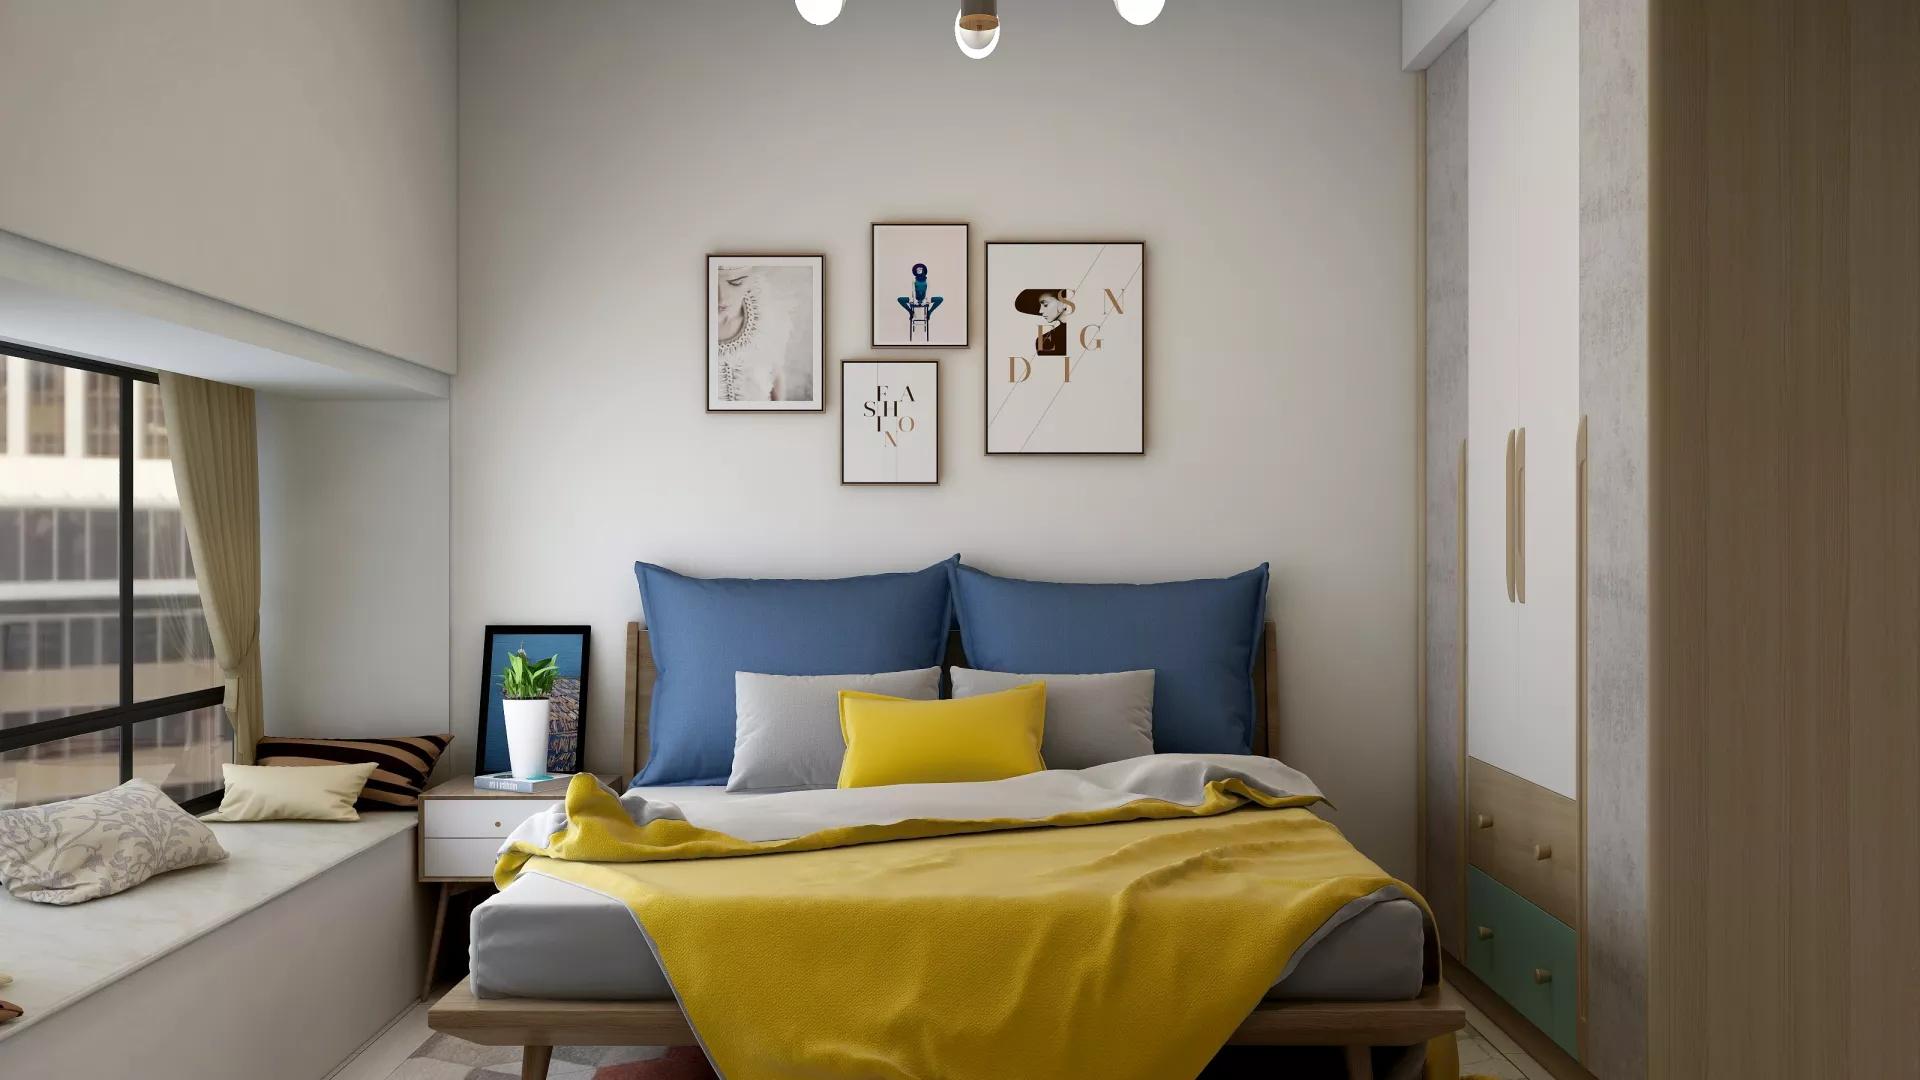 欧式风格富裕型客厅沙发装修效果图